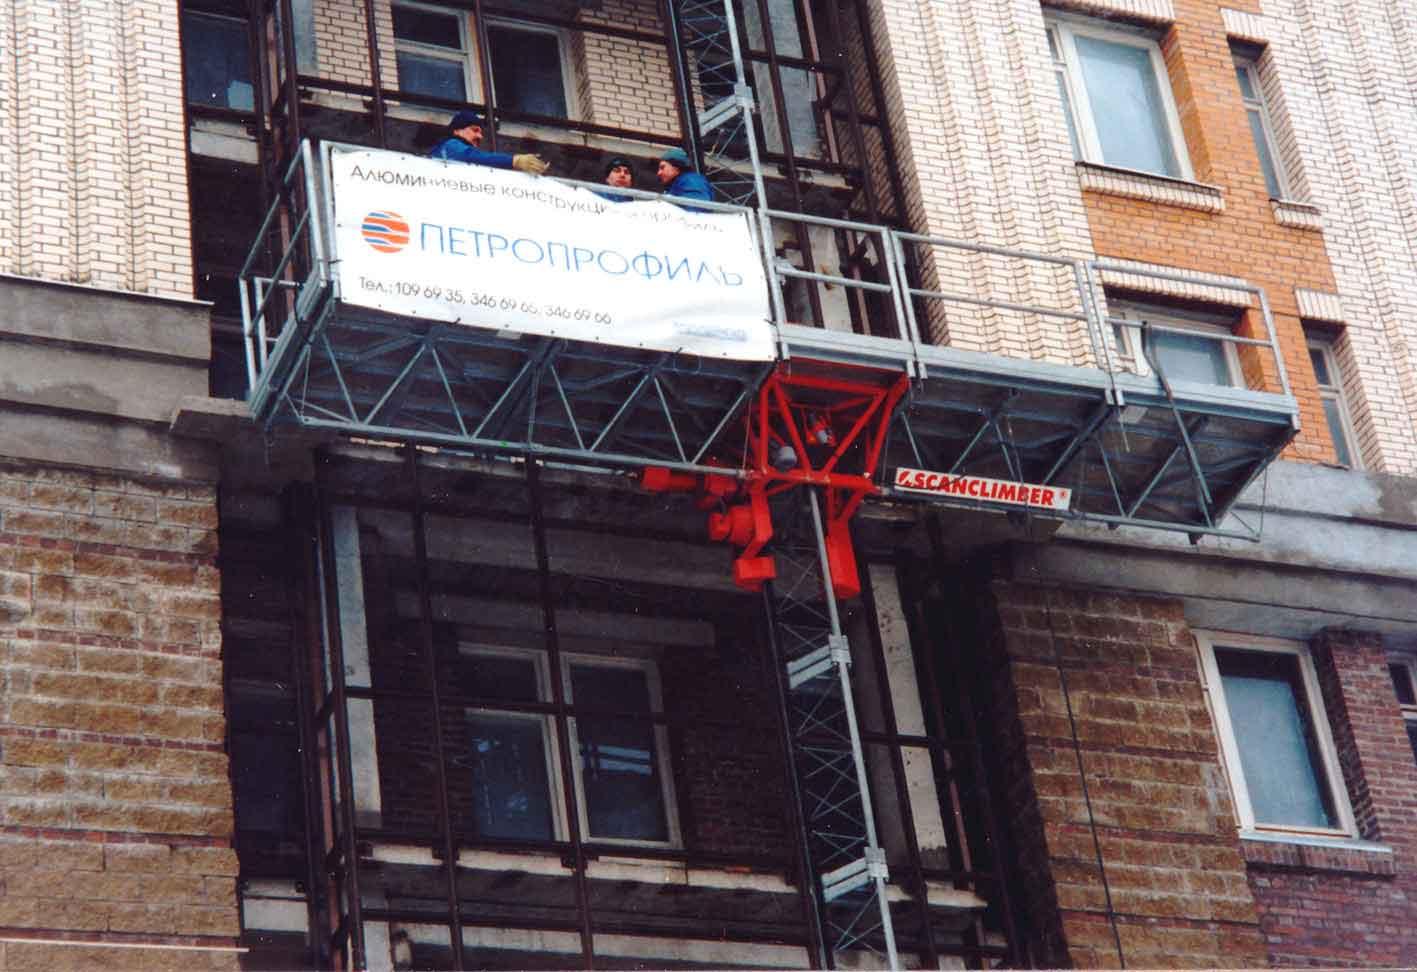 Scanclimber educa sc1000 for Balcony renovation